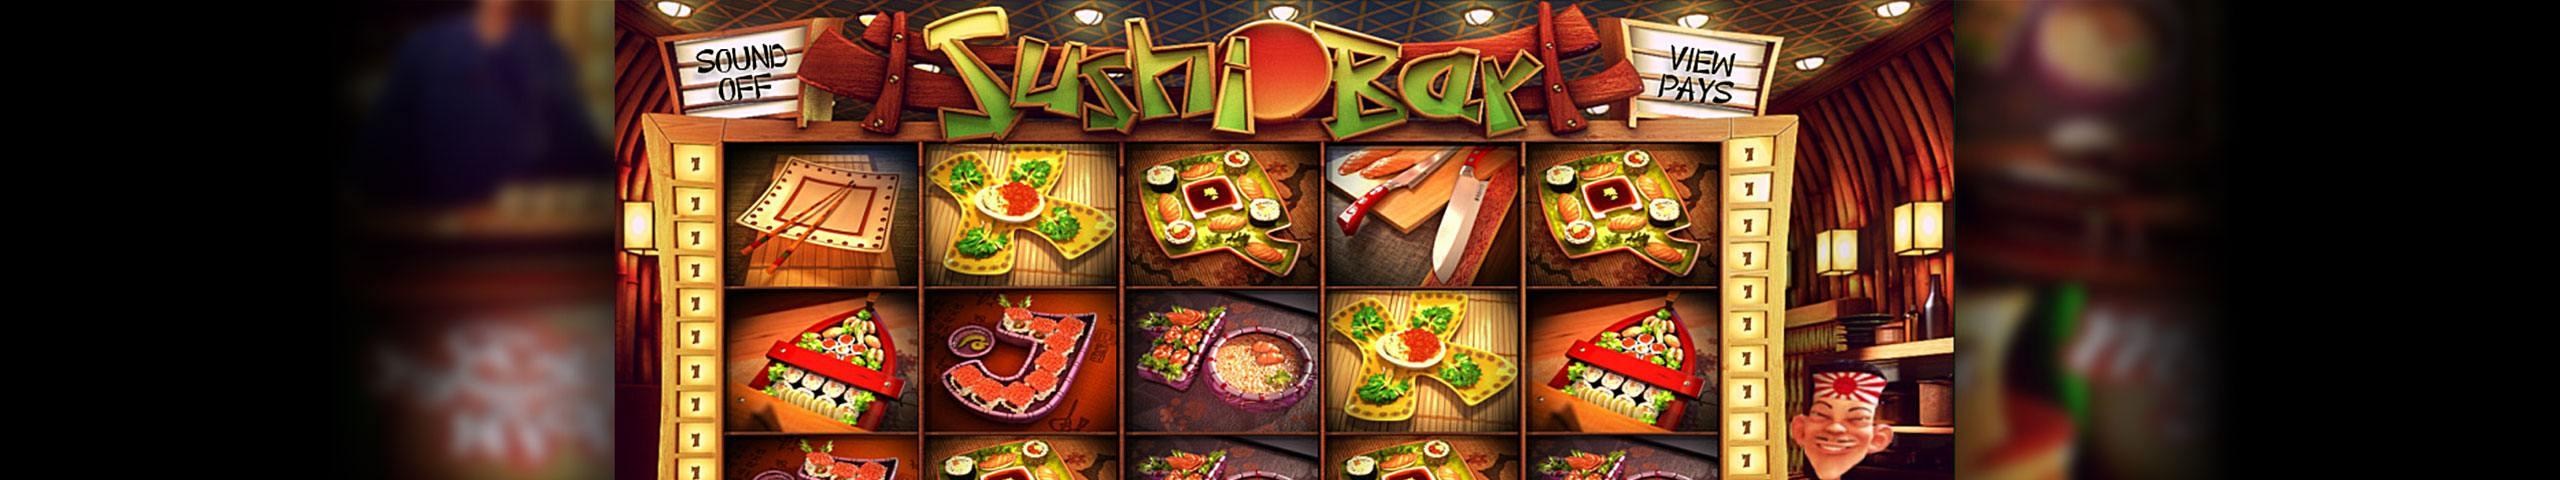 Bars and Stripes Slots - Spela spelet gratis på nätet